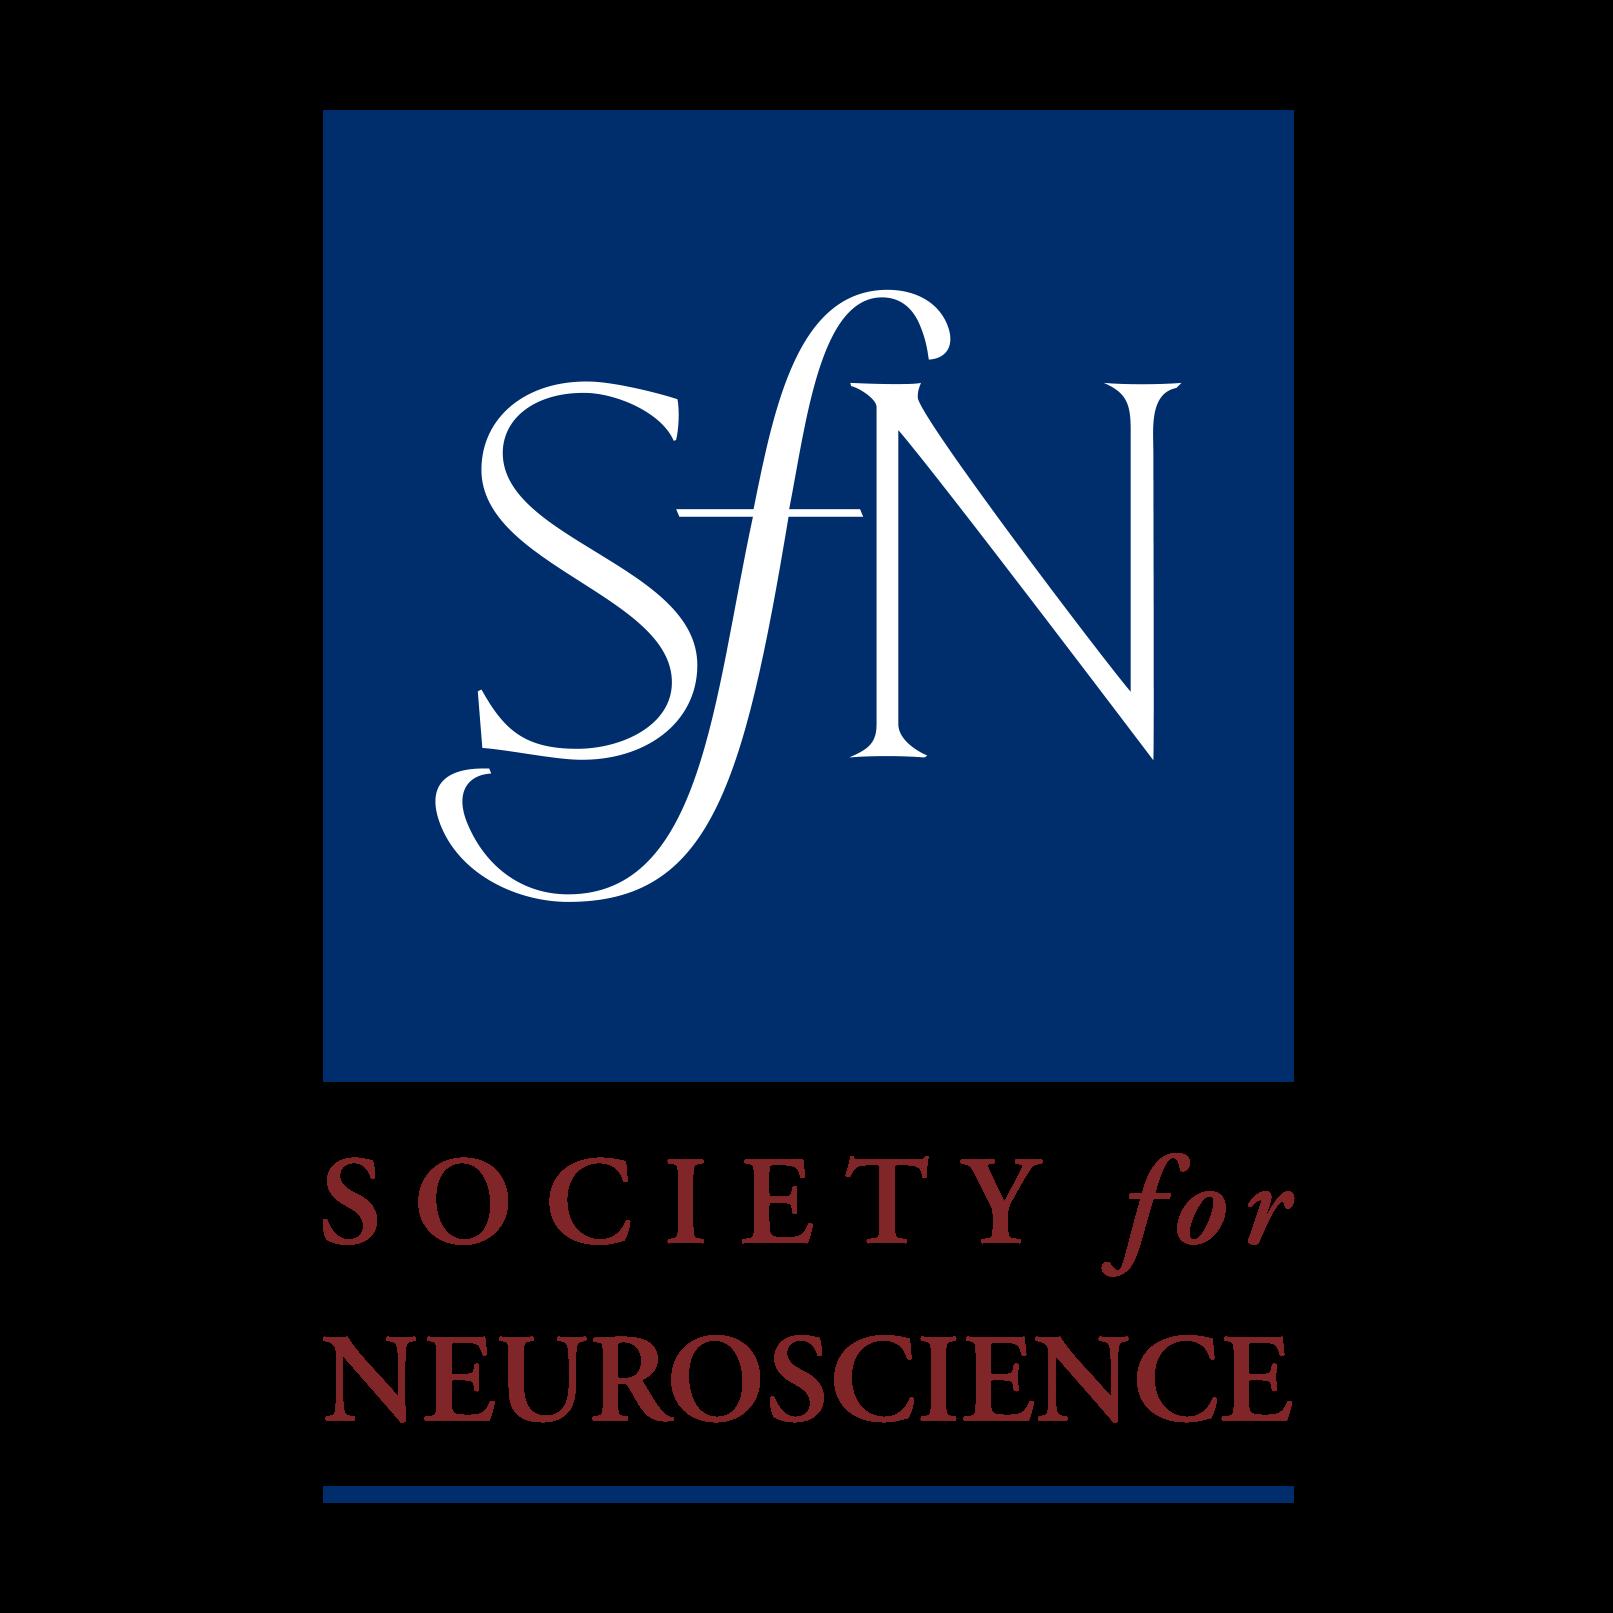 sfn_logo.png